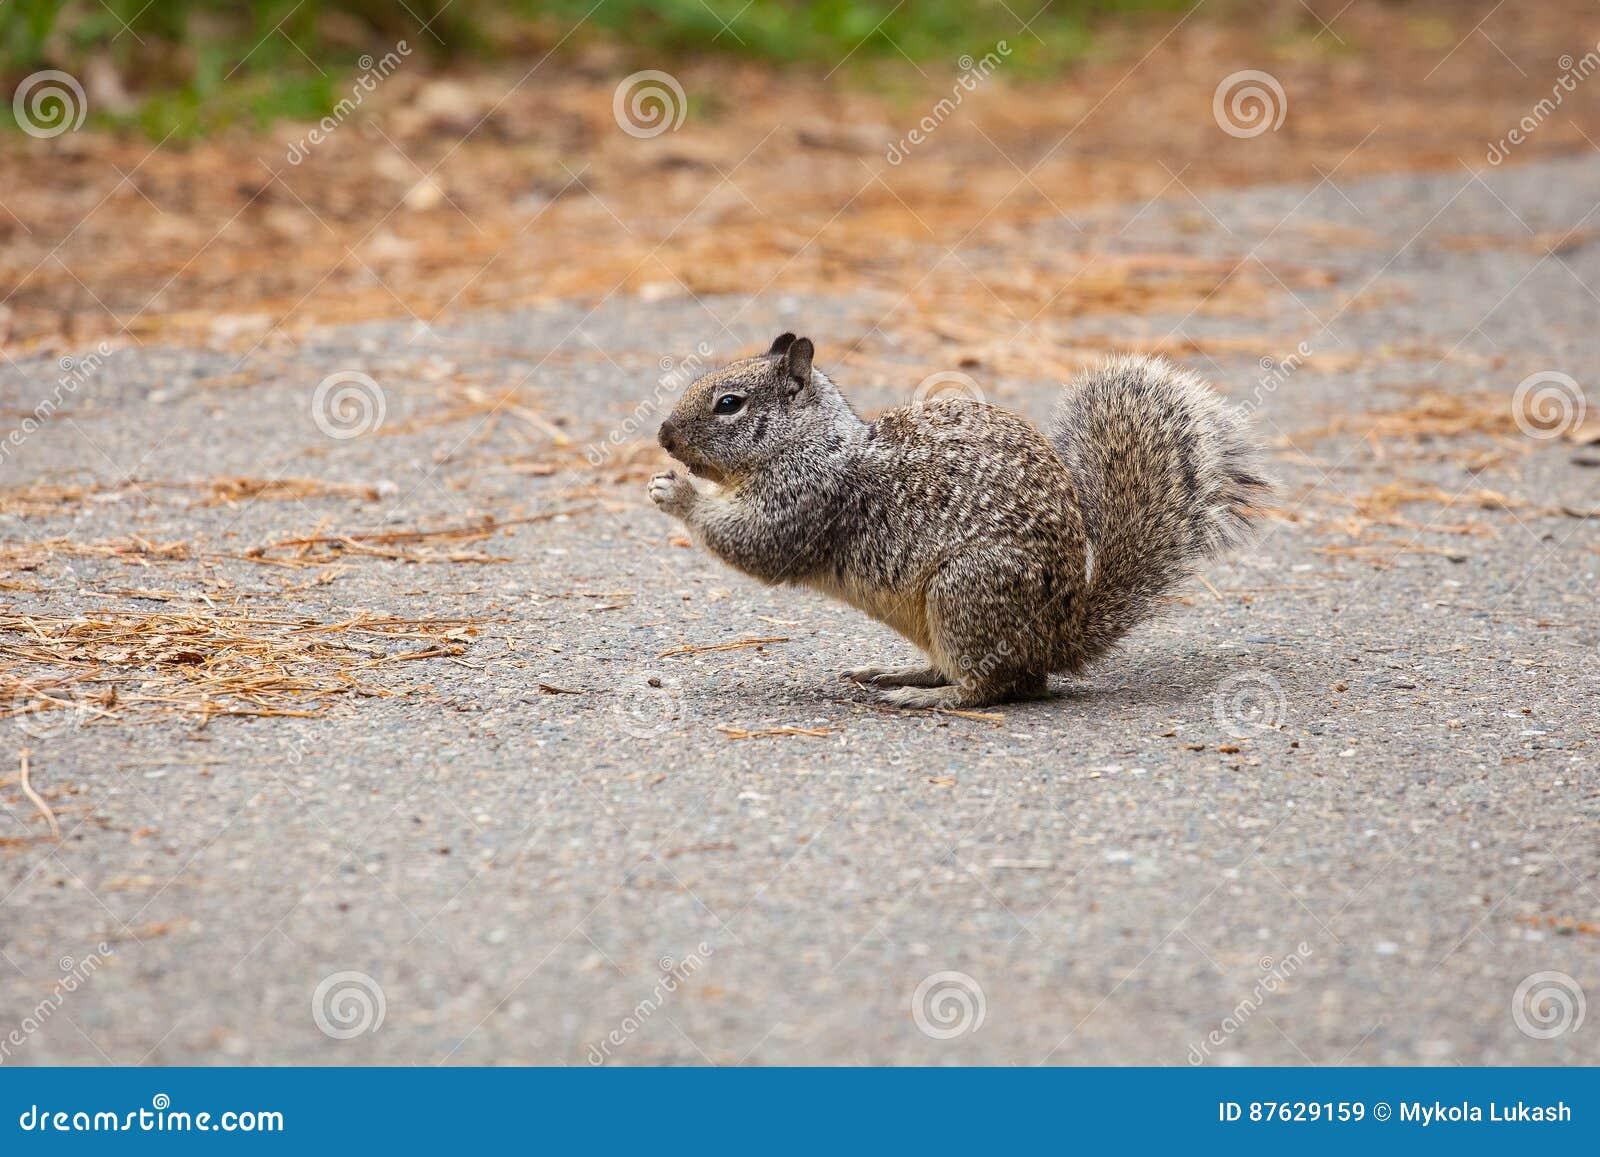 Kalifornia Zmielona wiewiórka w Yosemite parku narodowym, outdoors